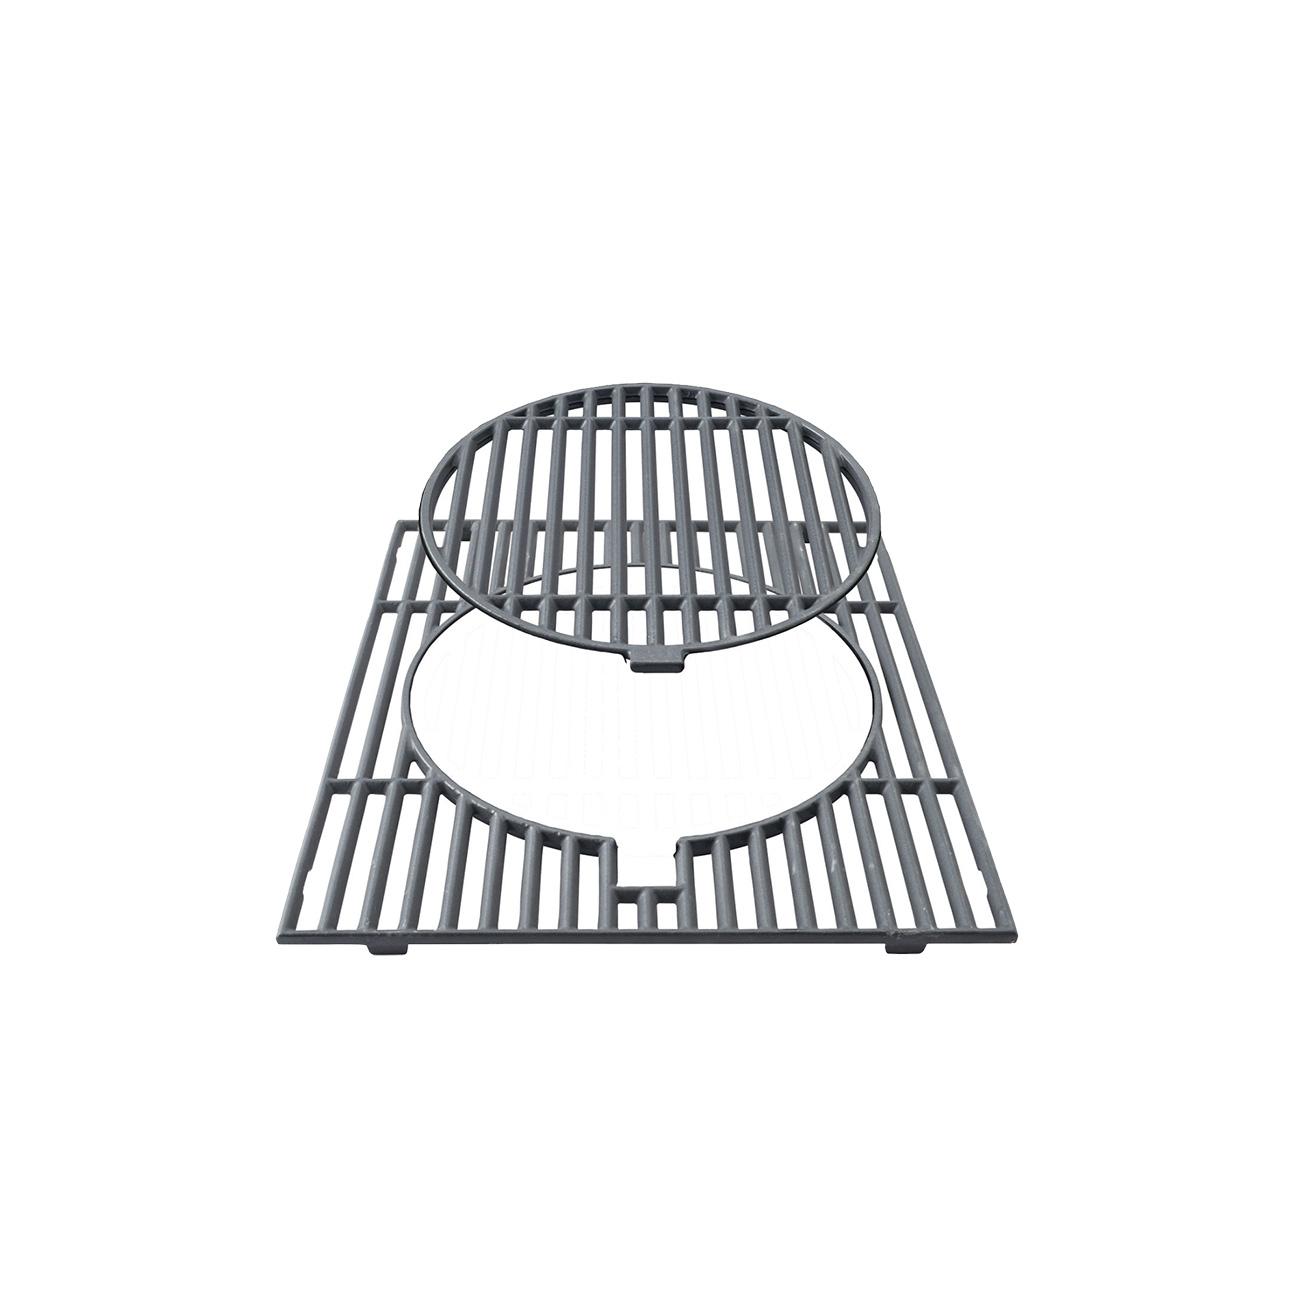 Parrilla de hierro fundido Campingaz con anillo modular Culinary extraíble